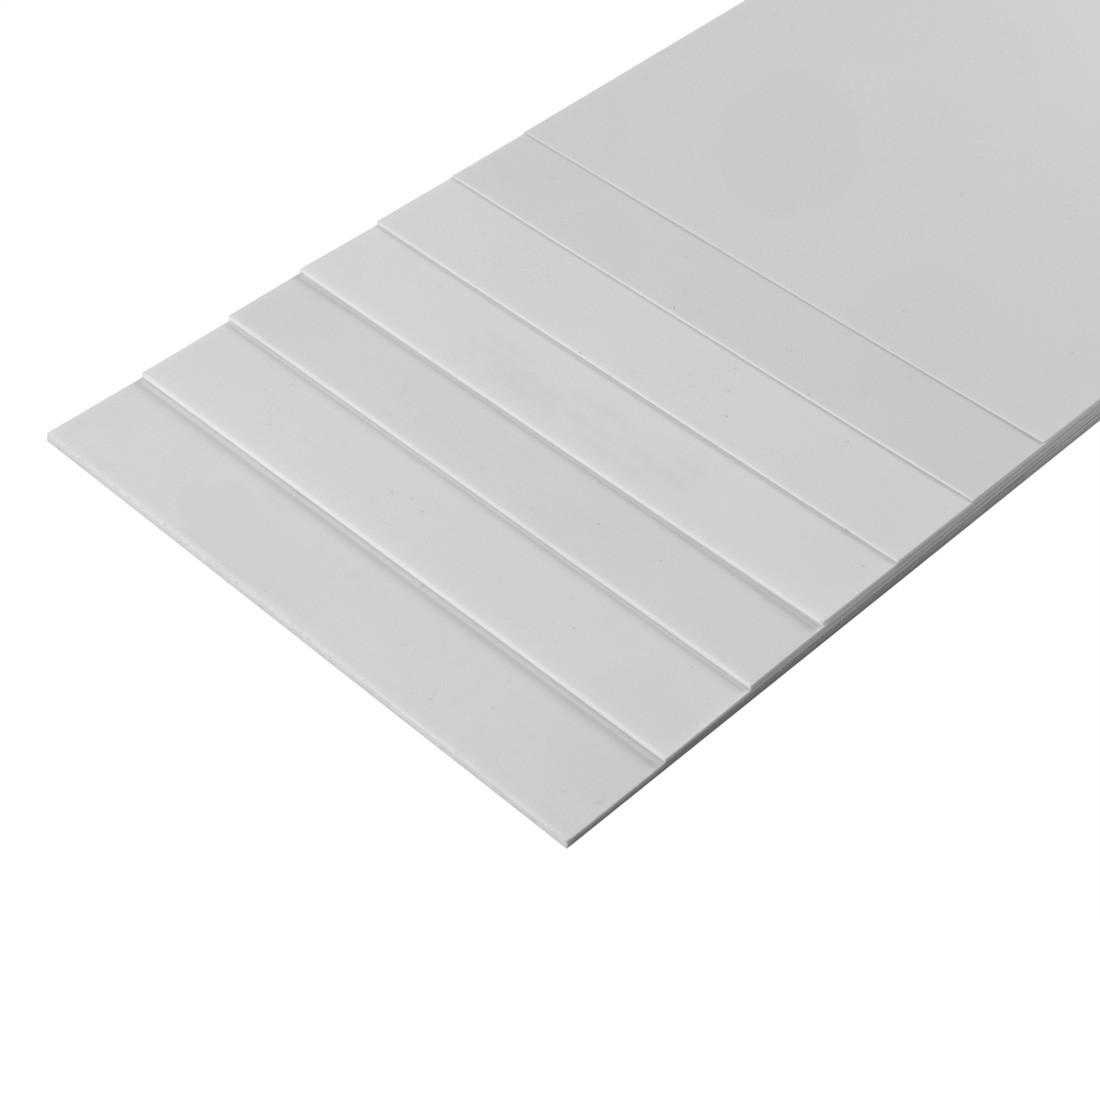 Styrene white mm.194x320 - mm.0,75